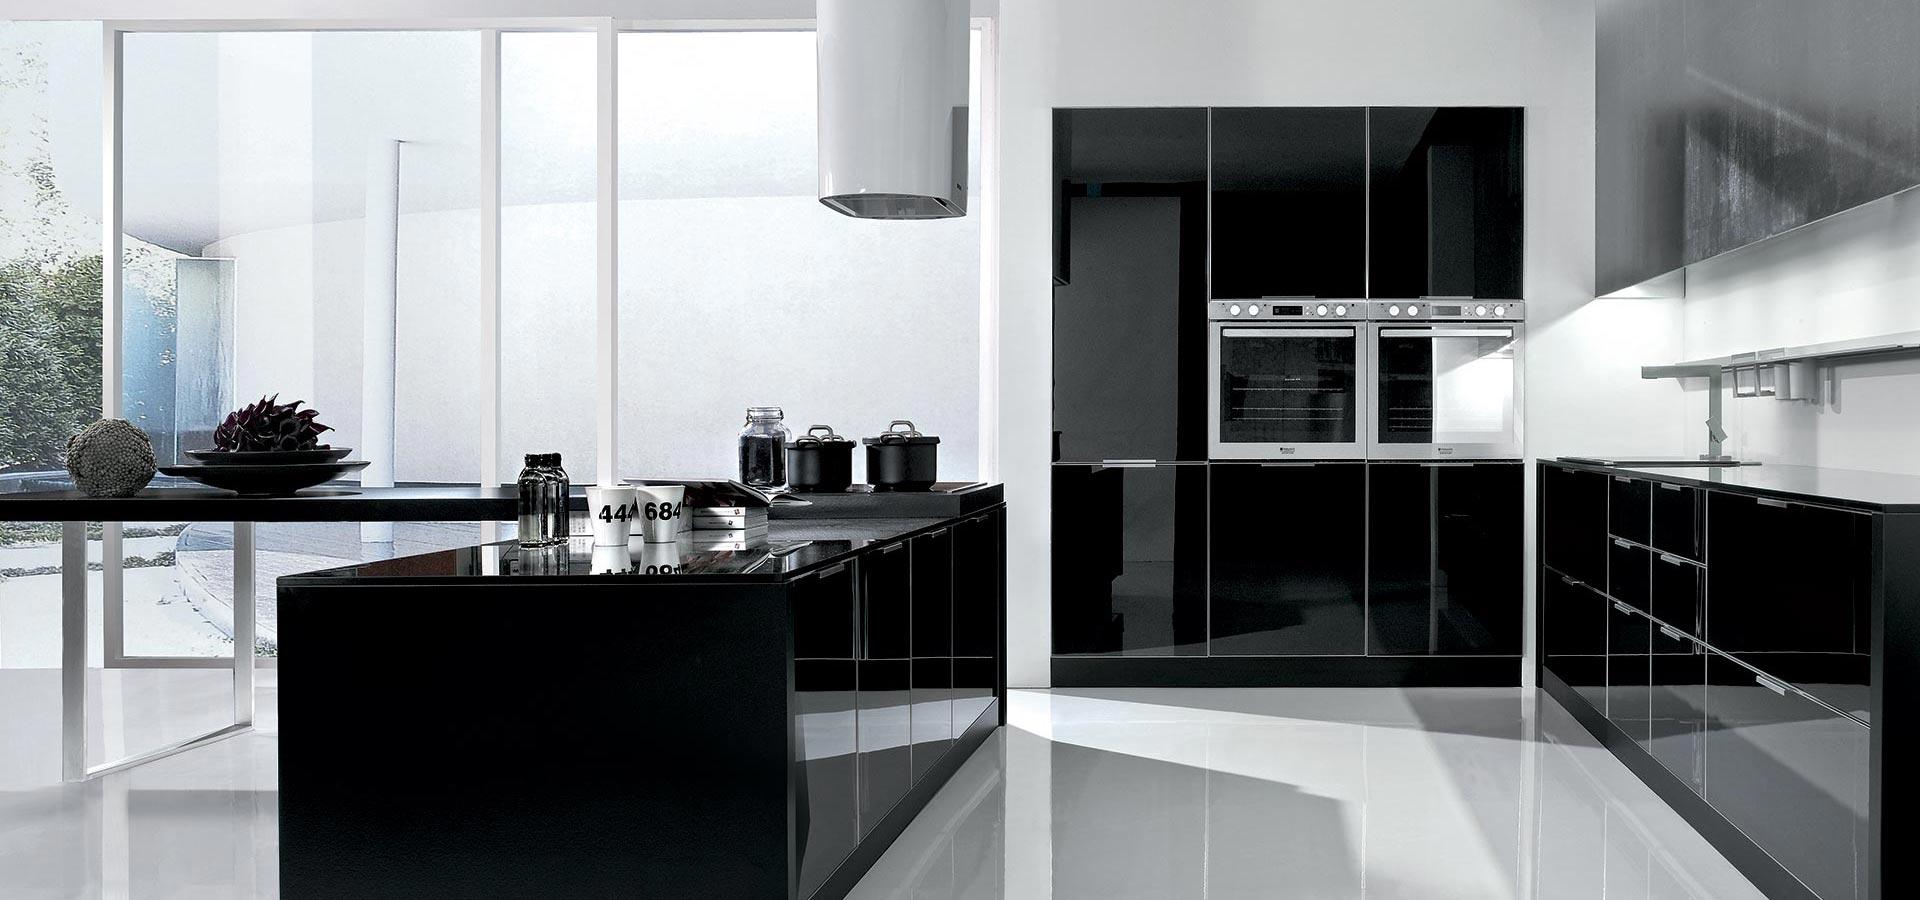 Cucine Arredo3 - Casa Arredi di Bonari